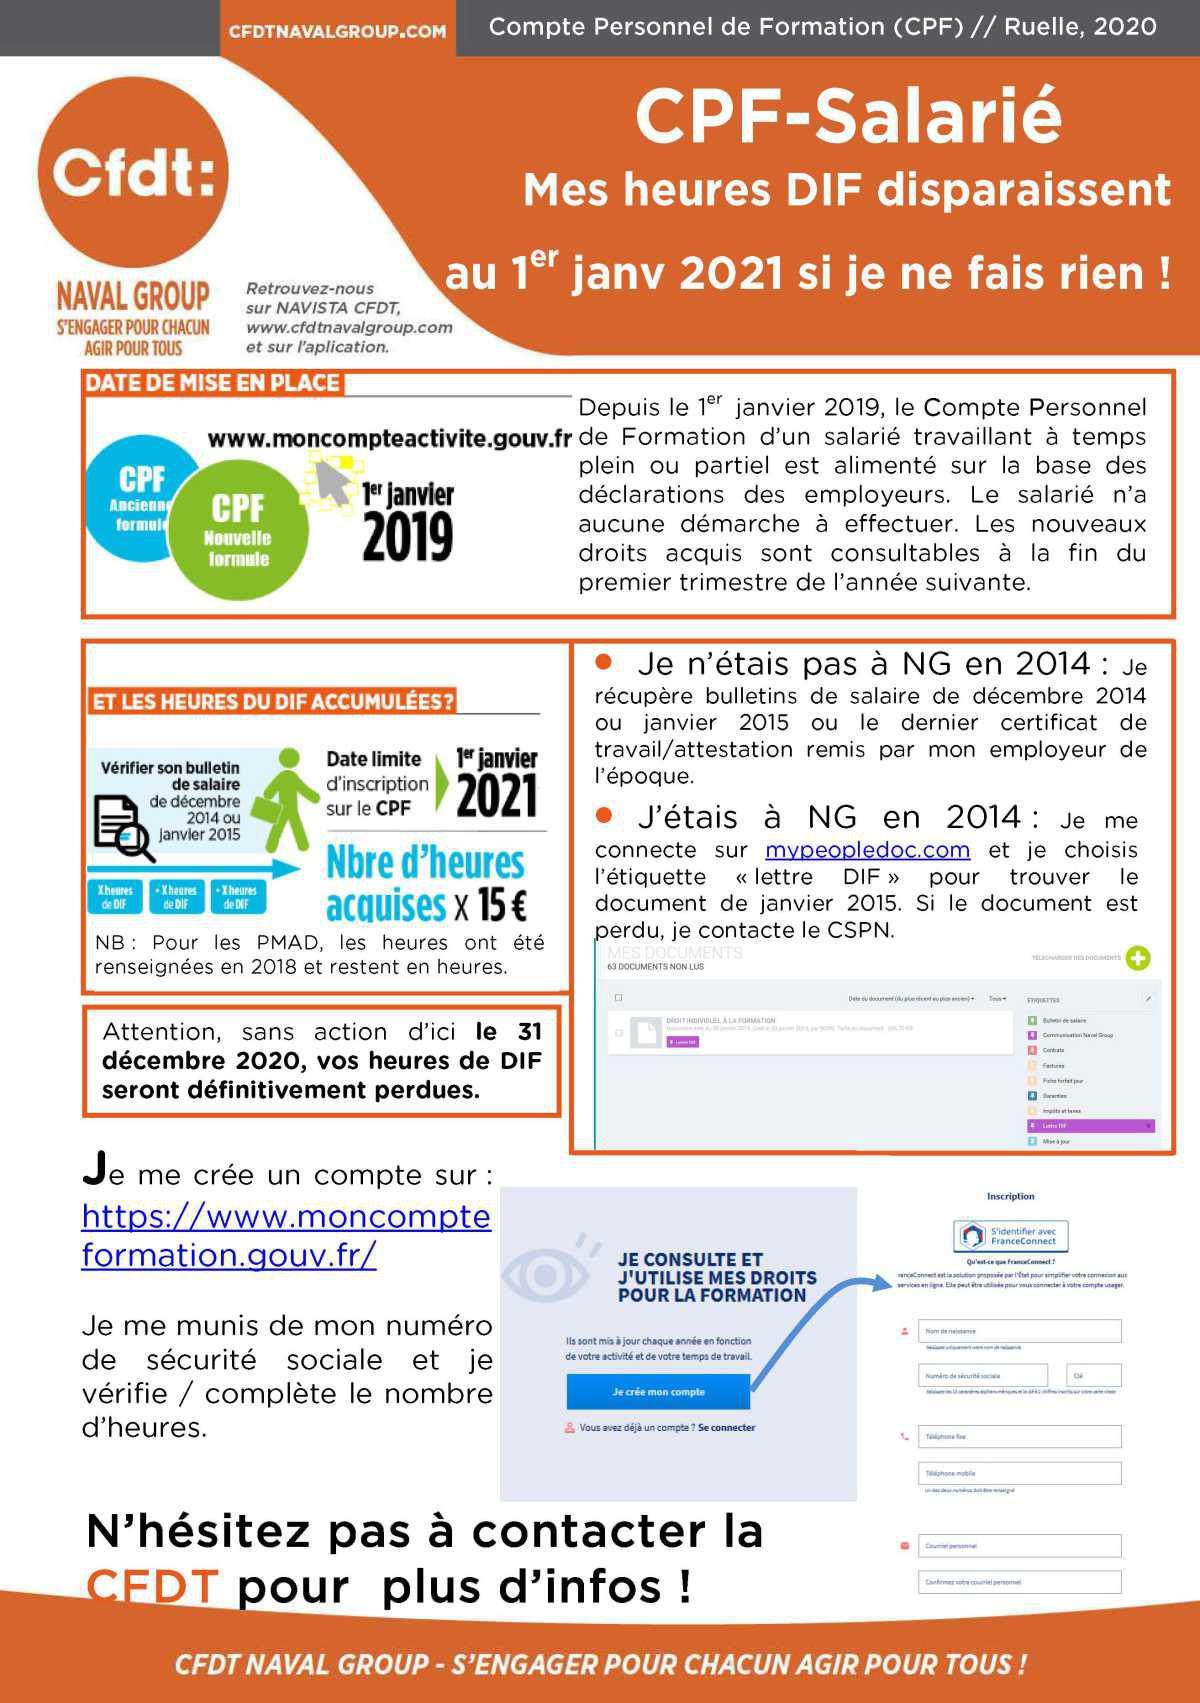 CPF-Salarié : Mes heures DIF disparaissent au 1er janv 2021 si je ne fais rien !